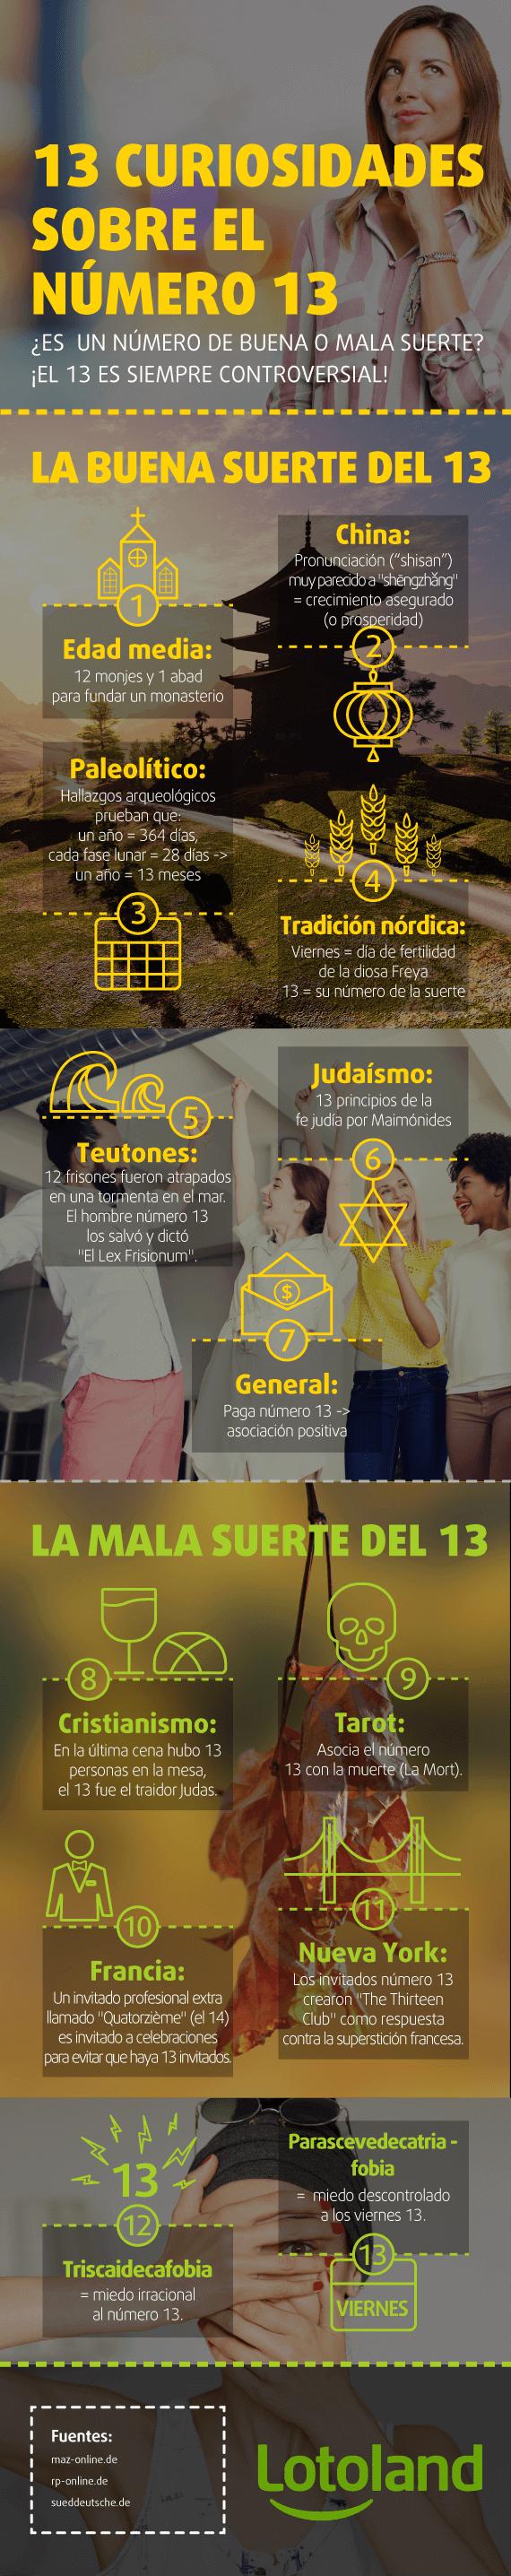 Infografía con 13 curiosidades sobre el número 13